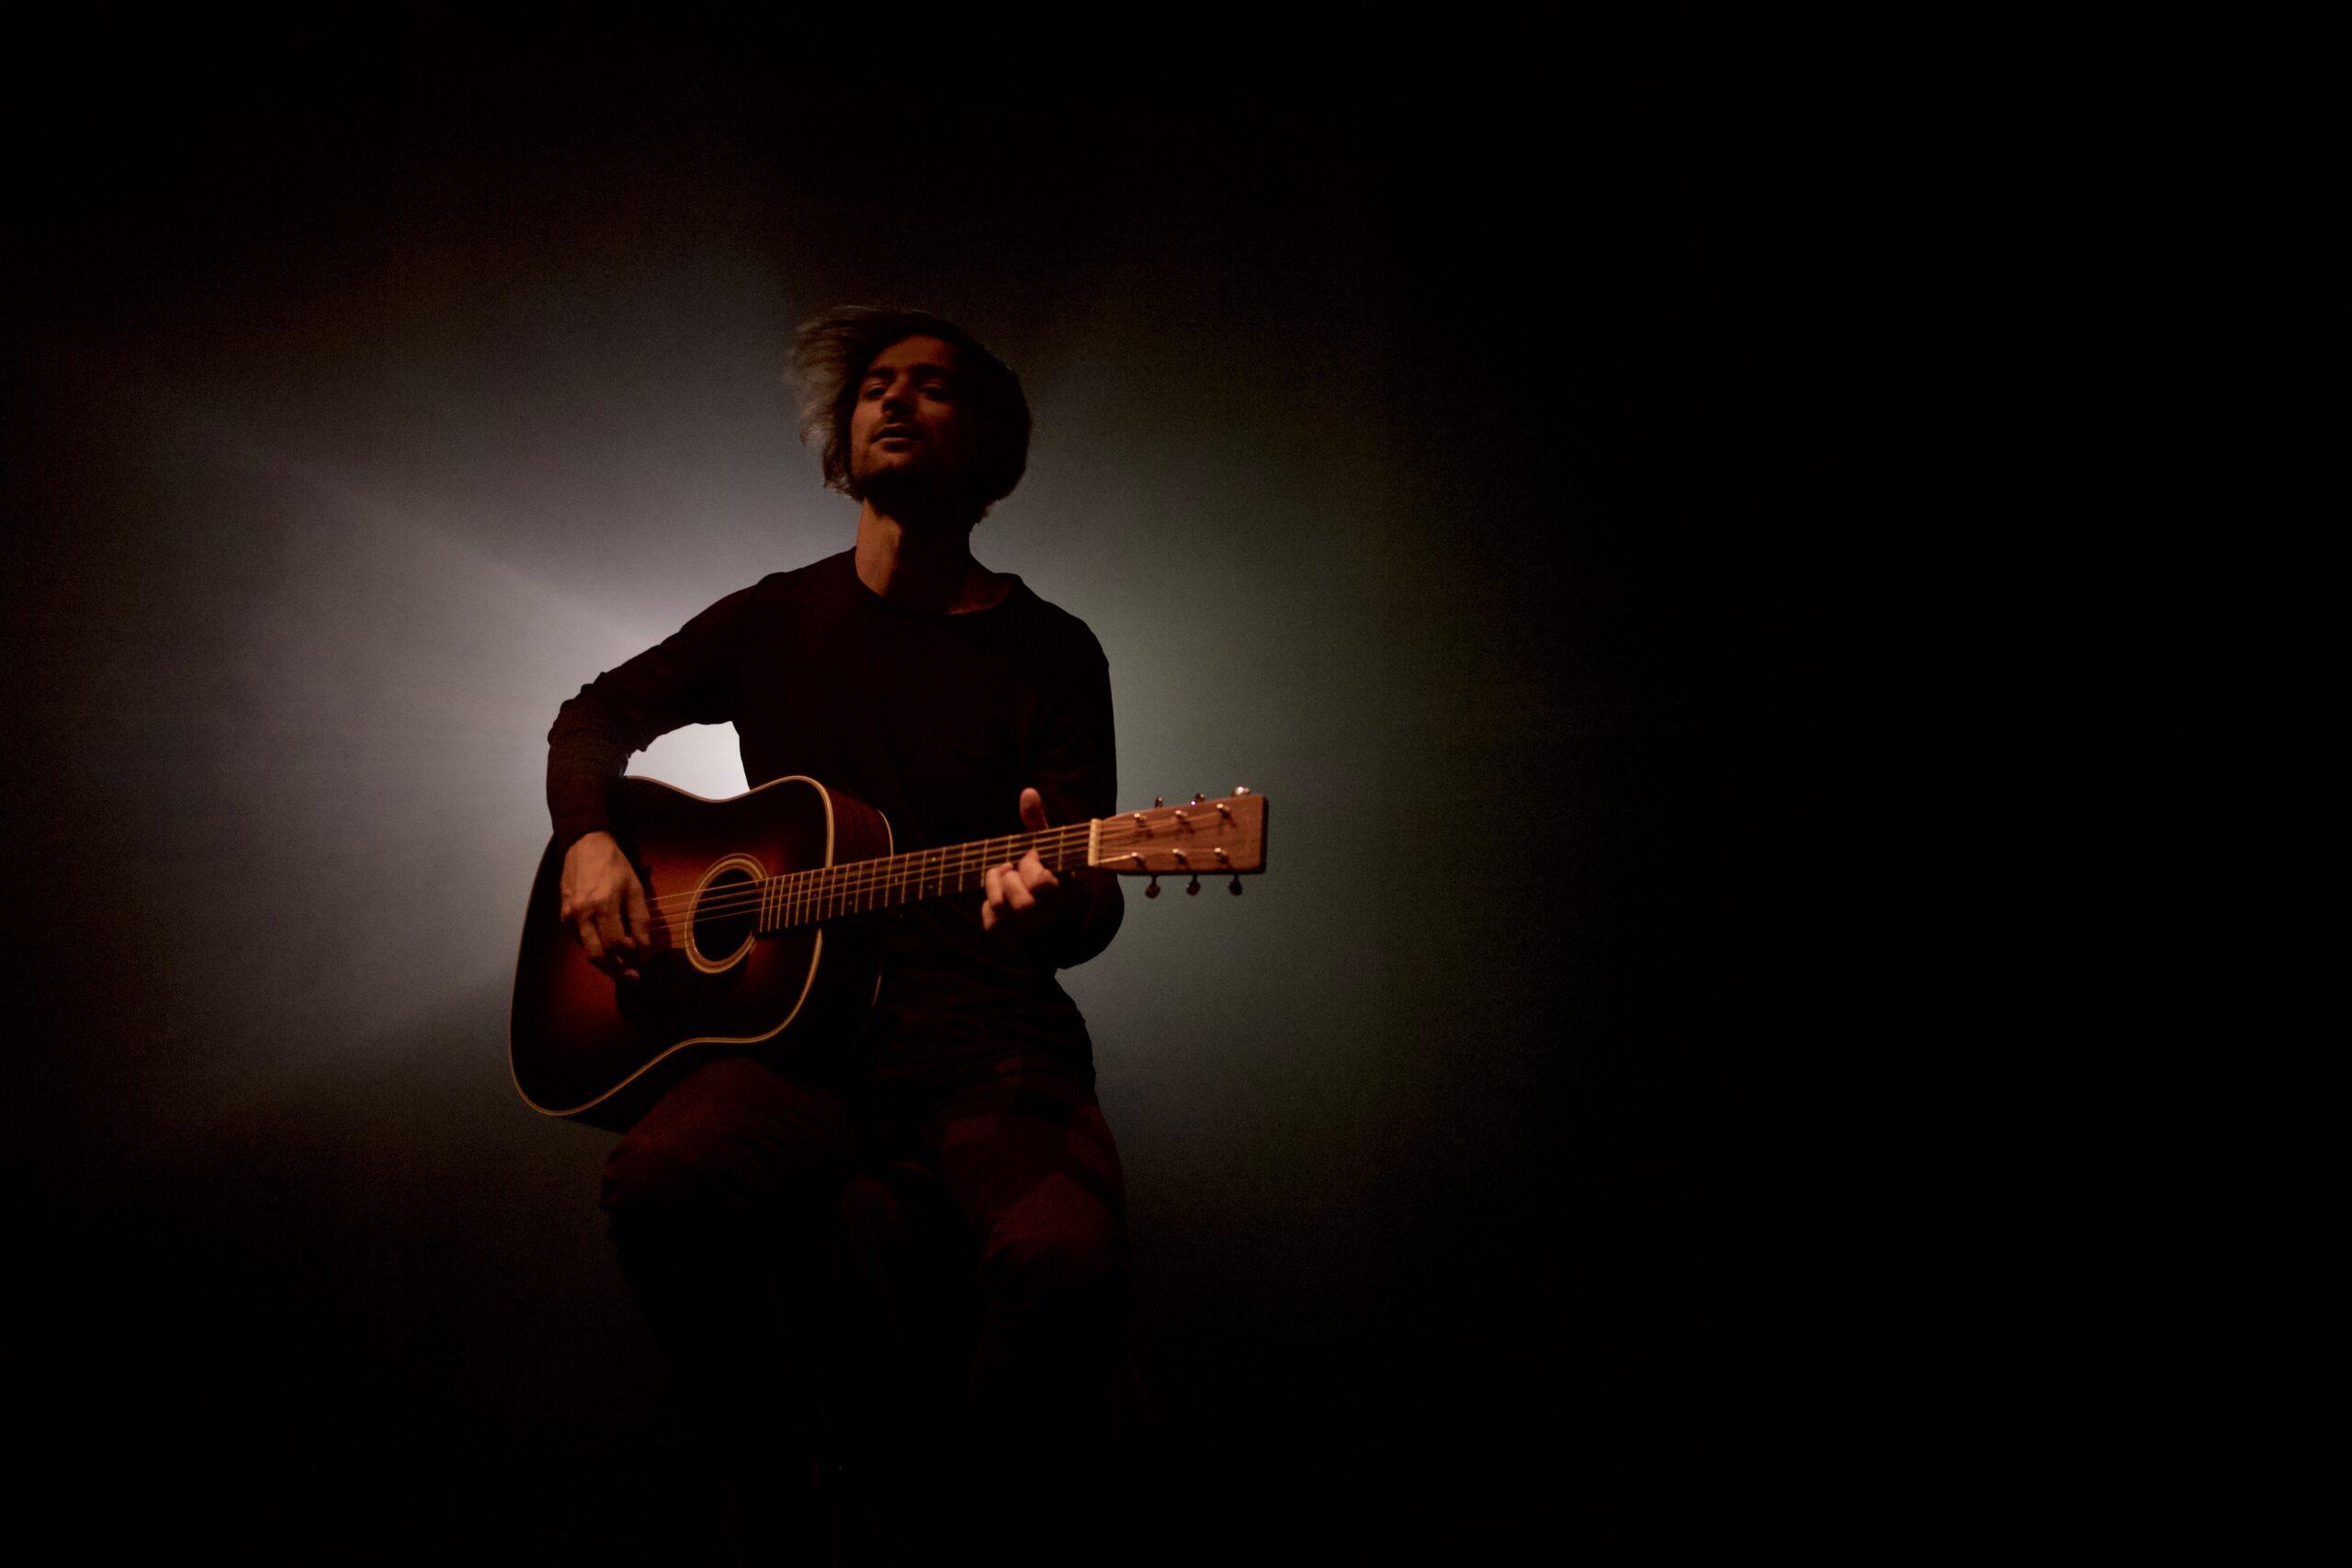 HHANOI aus Tirol vertont auf seinem neuen Album 'No Time For Idle Cares' acht Gedichte von Edgar Allen Poe